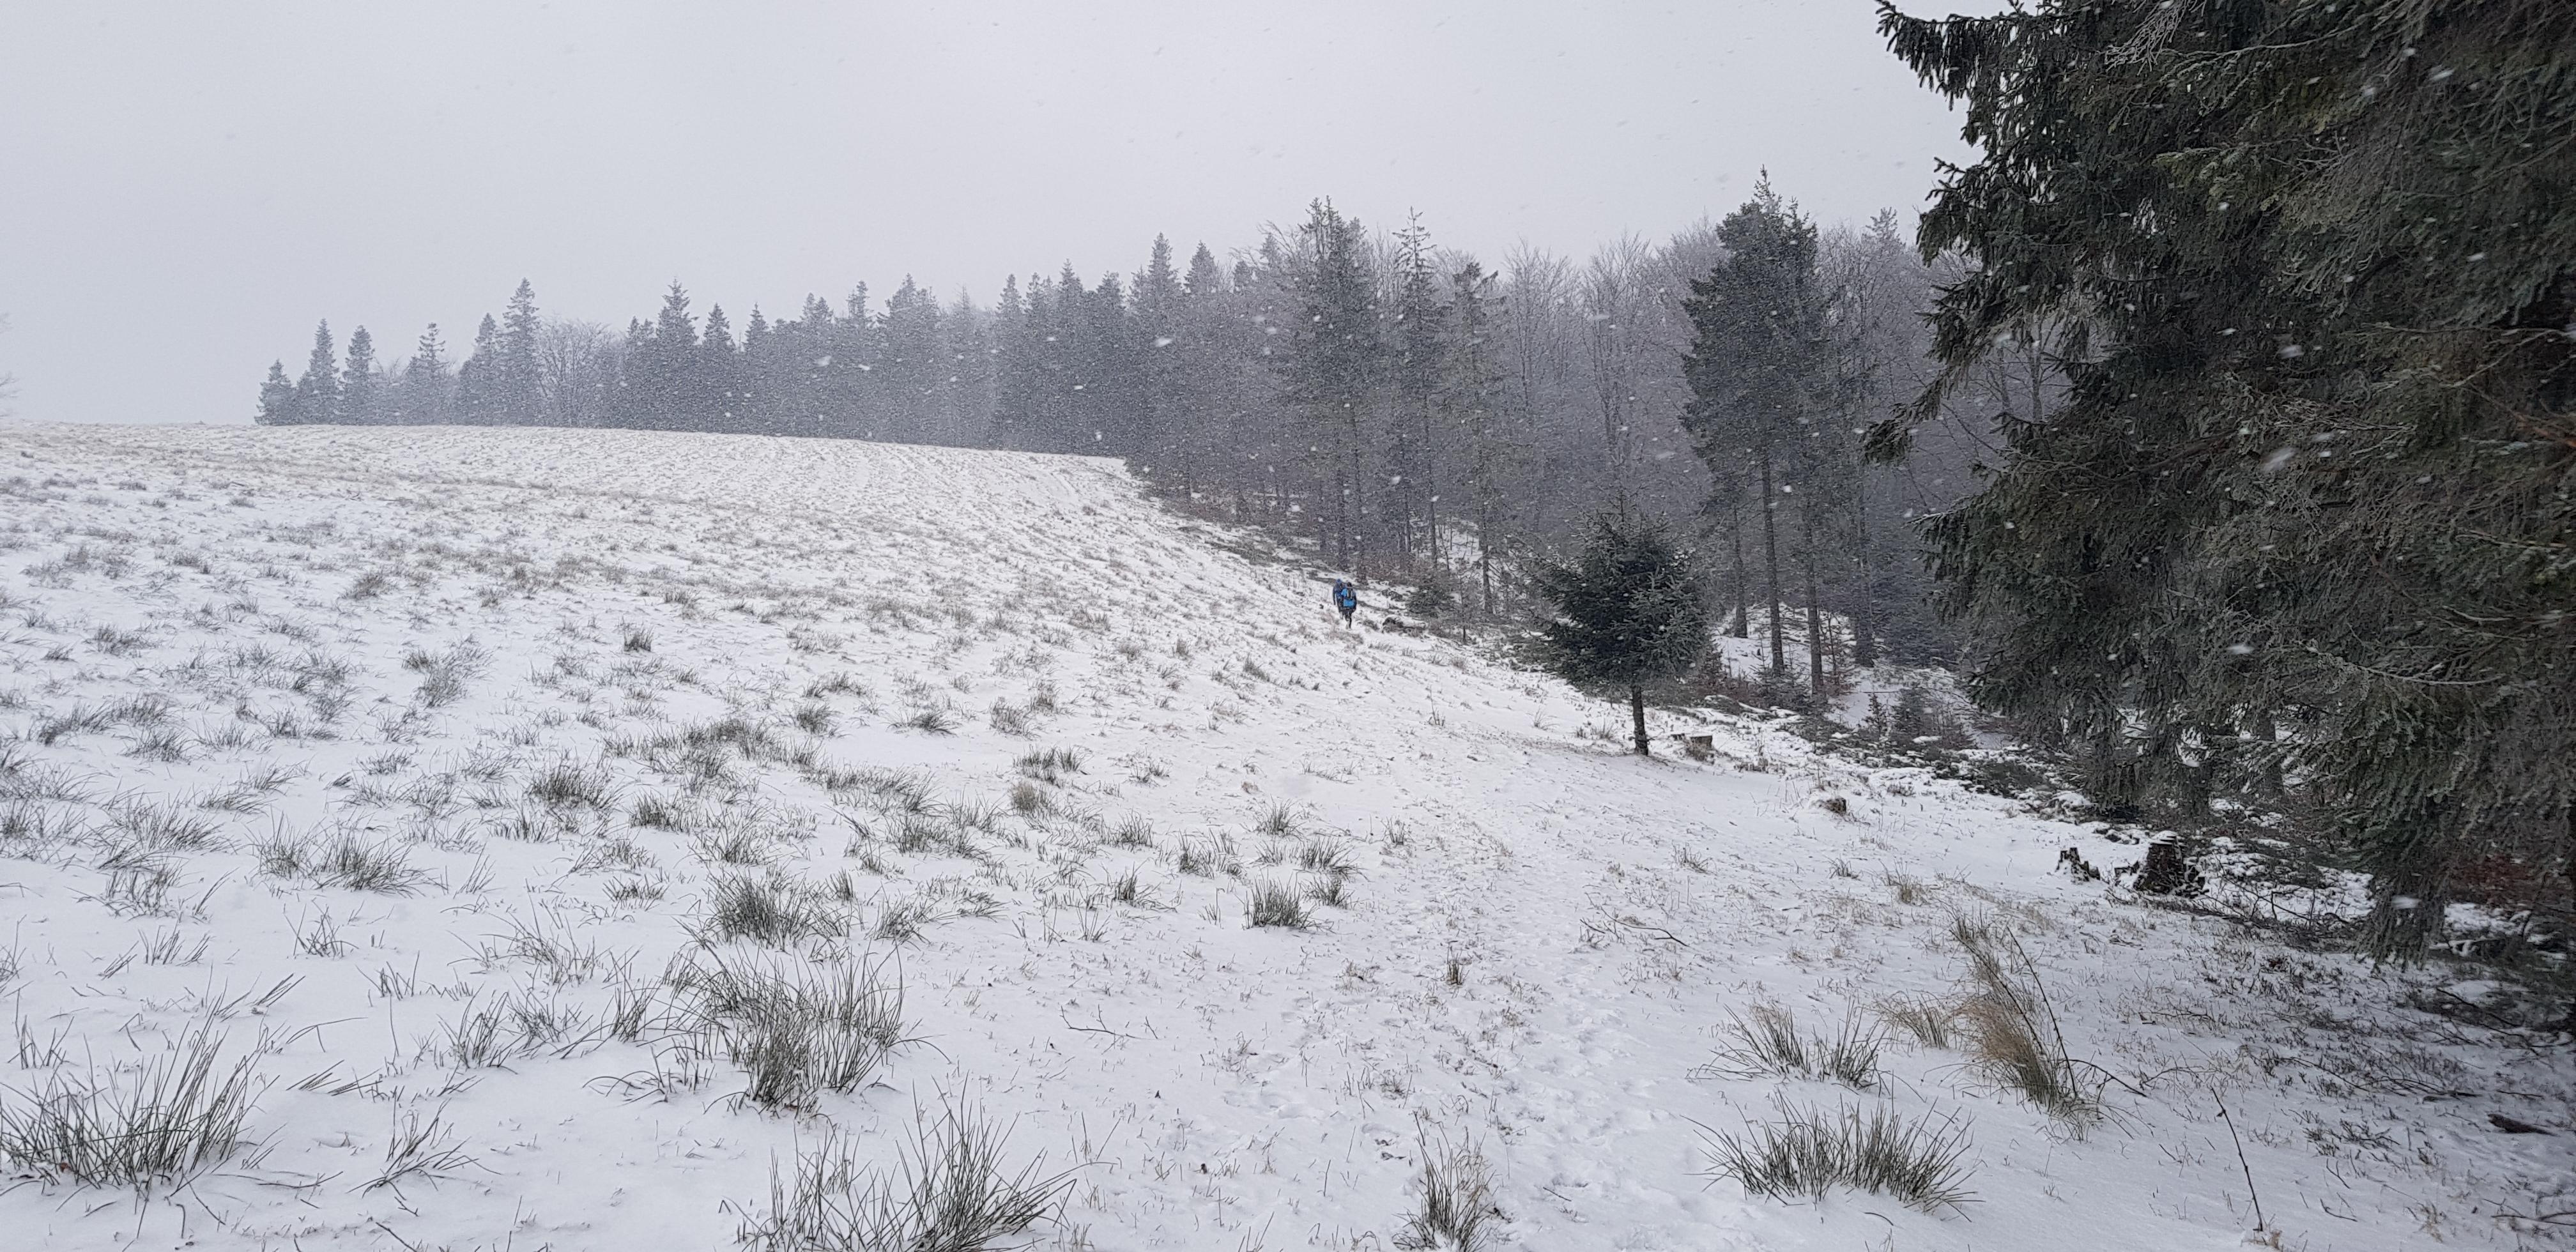 zimowy stok górskie zimowe bieganie